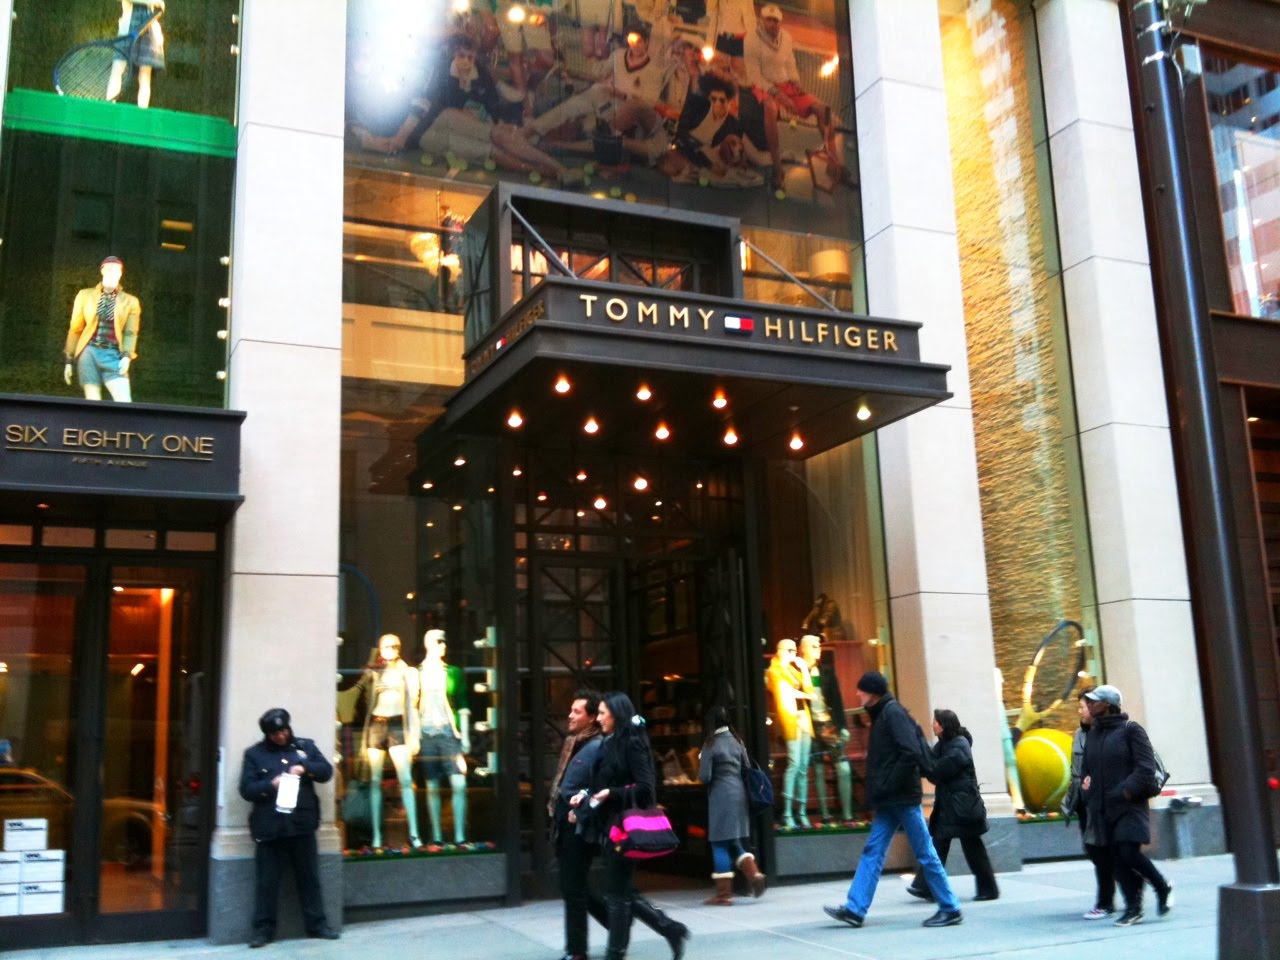 f3f9ed2293fe Tommy Hilfiger 5th Avenue - New York City Photos